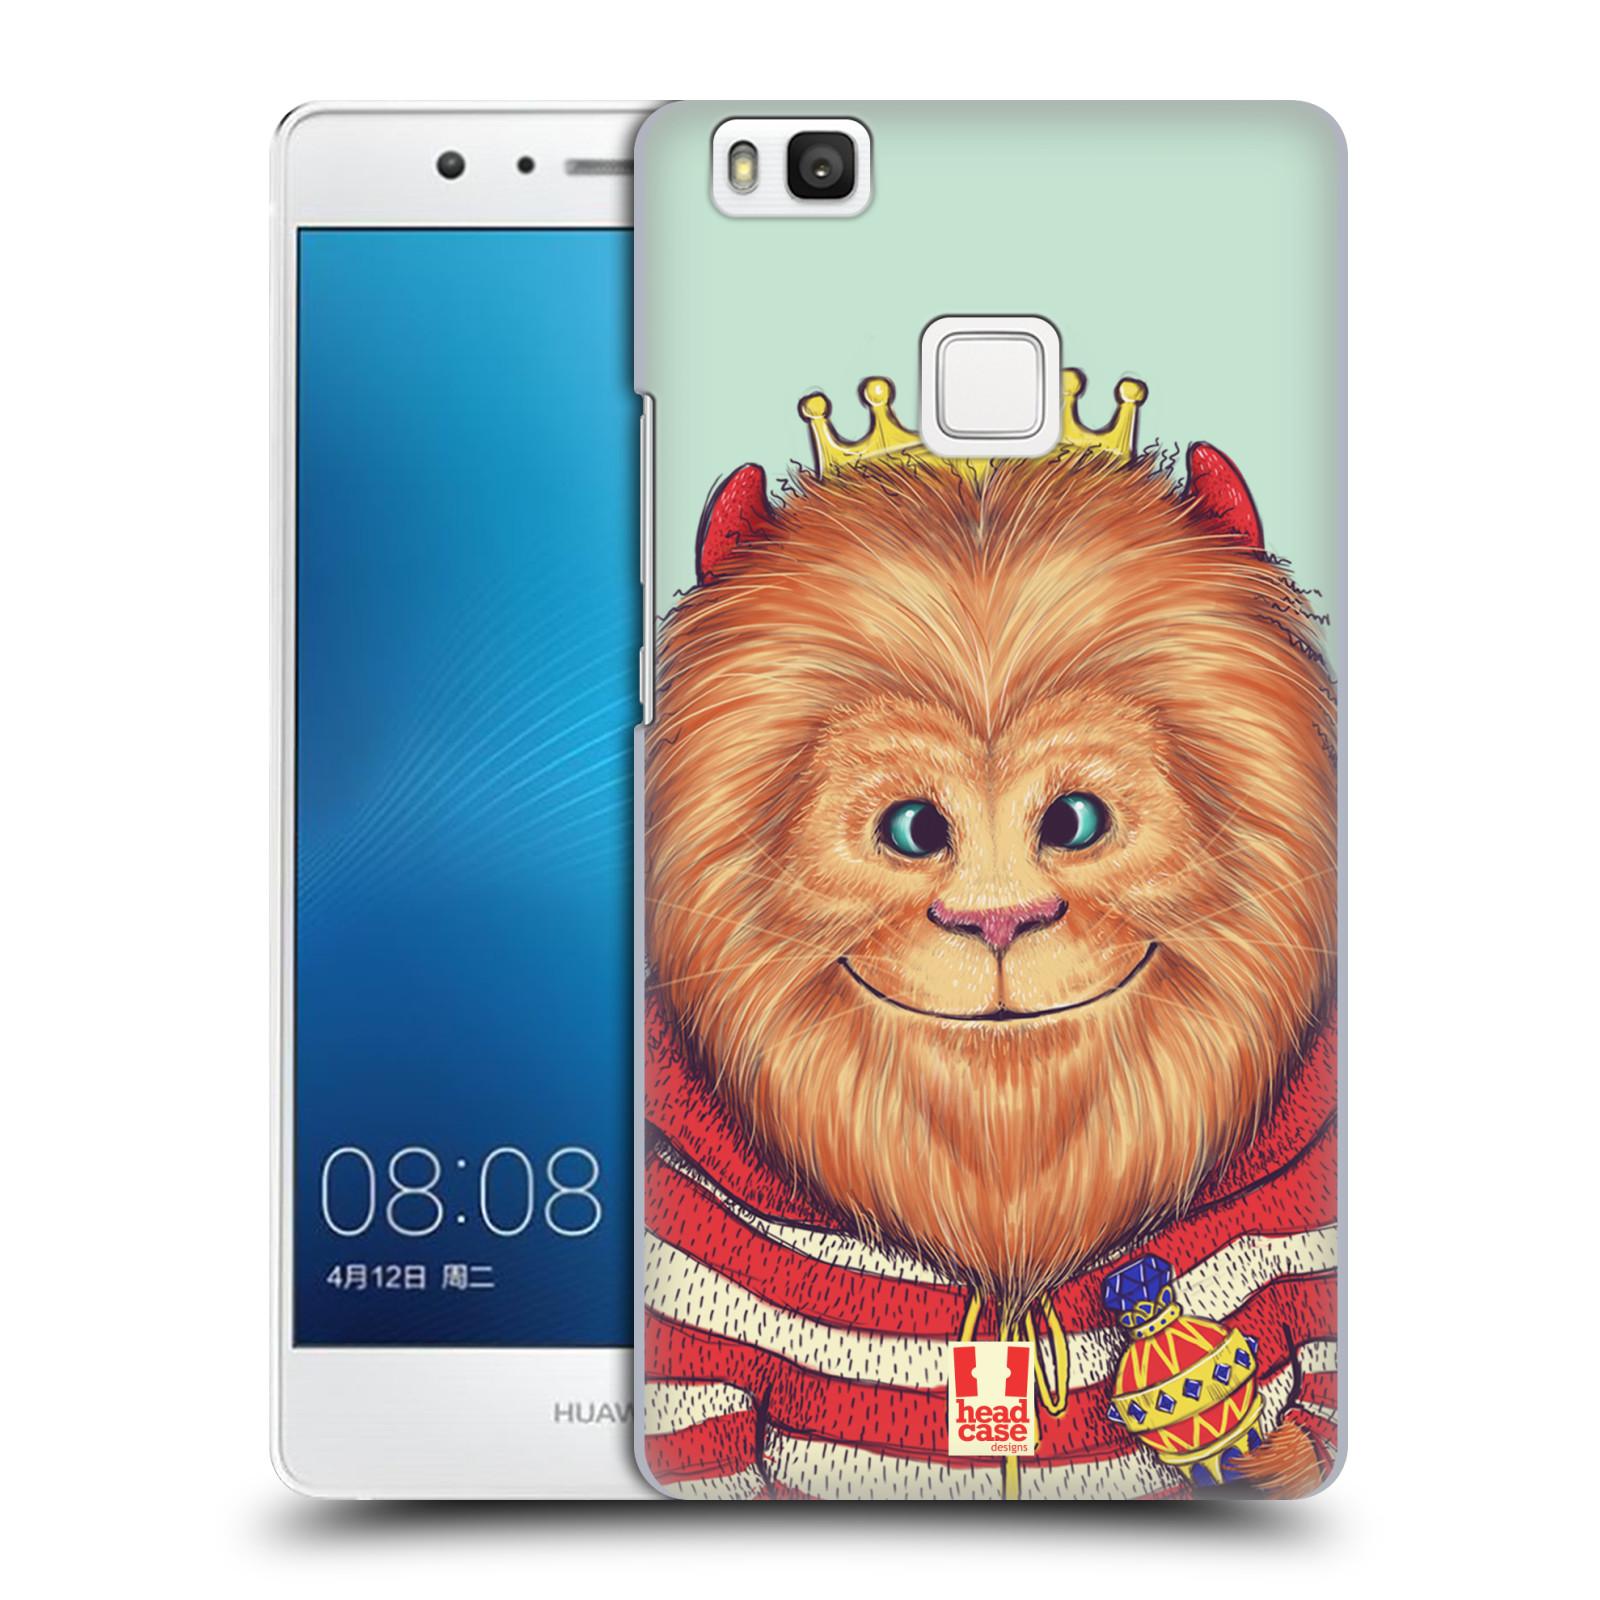 HEAD CASE plastový obal na mobil Huawei P9 LITE / P9 LITE DUAL SIM vzor Kreslená zvířátka lev